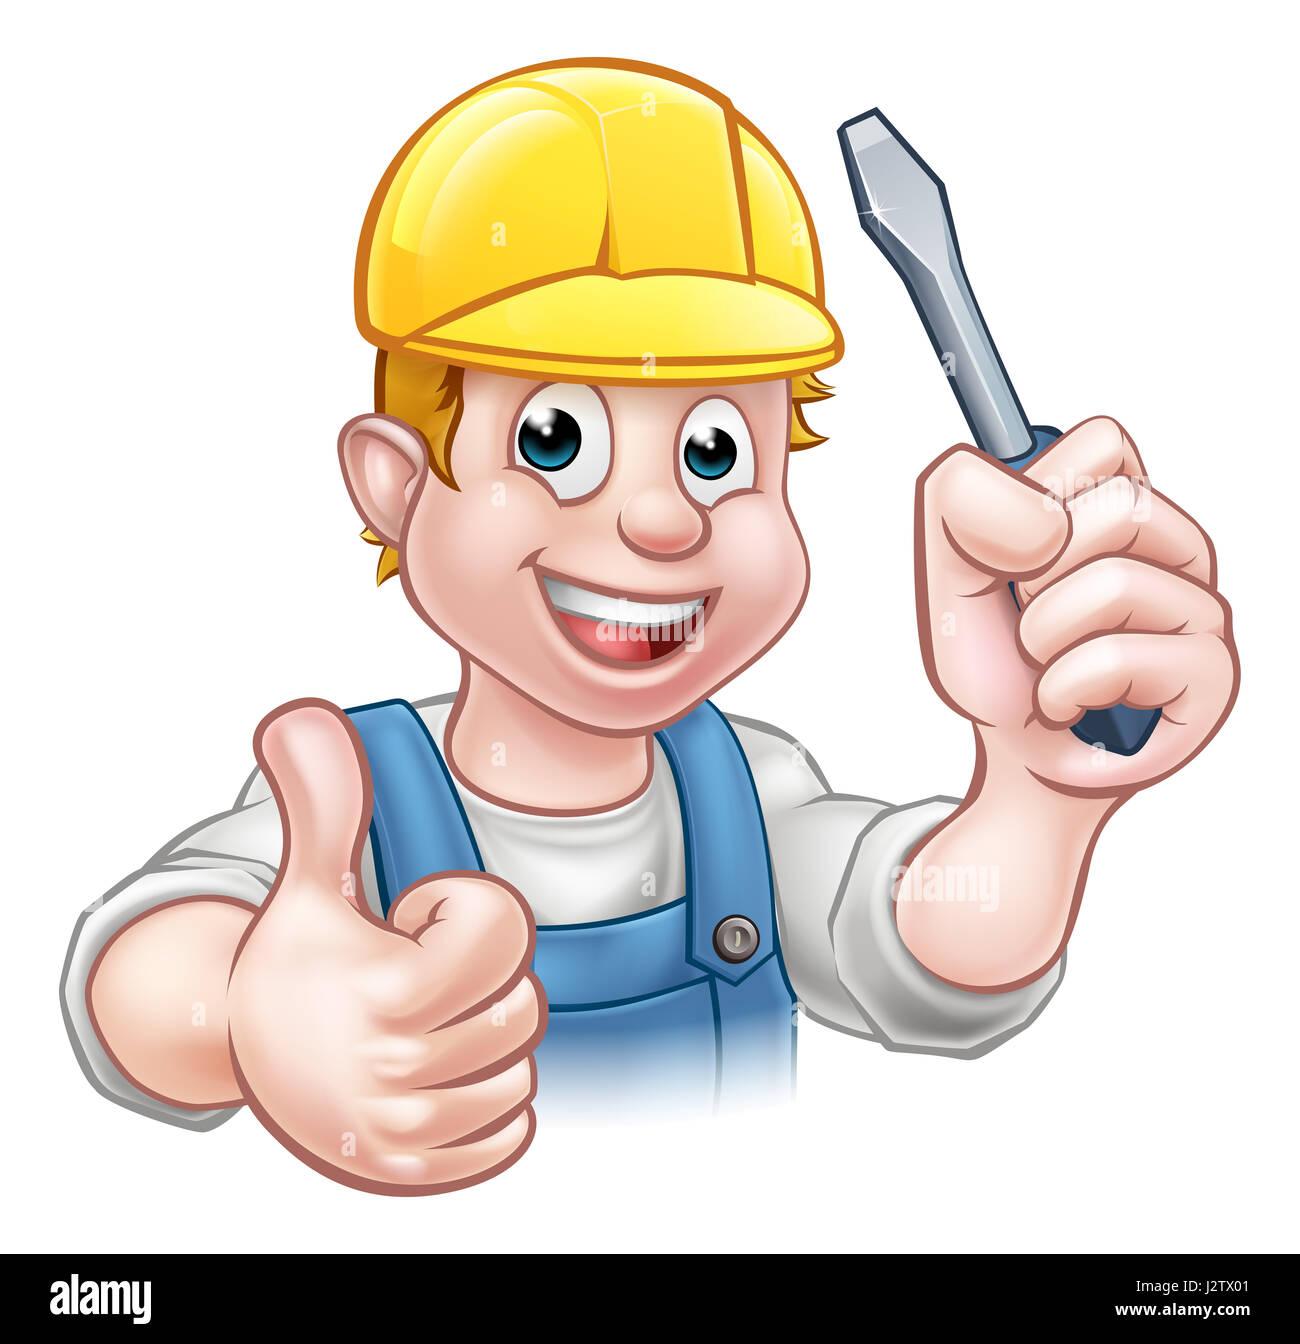 Ein Elektriker Handwerker Cartoon-Figur hält einen Schraubenzieher ...